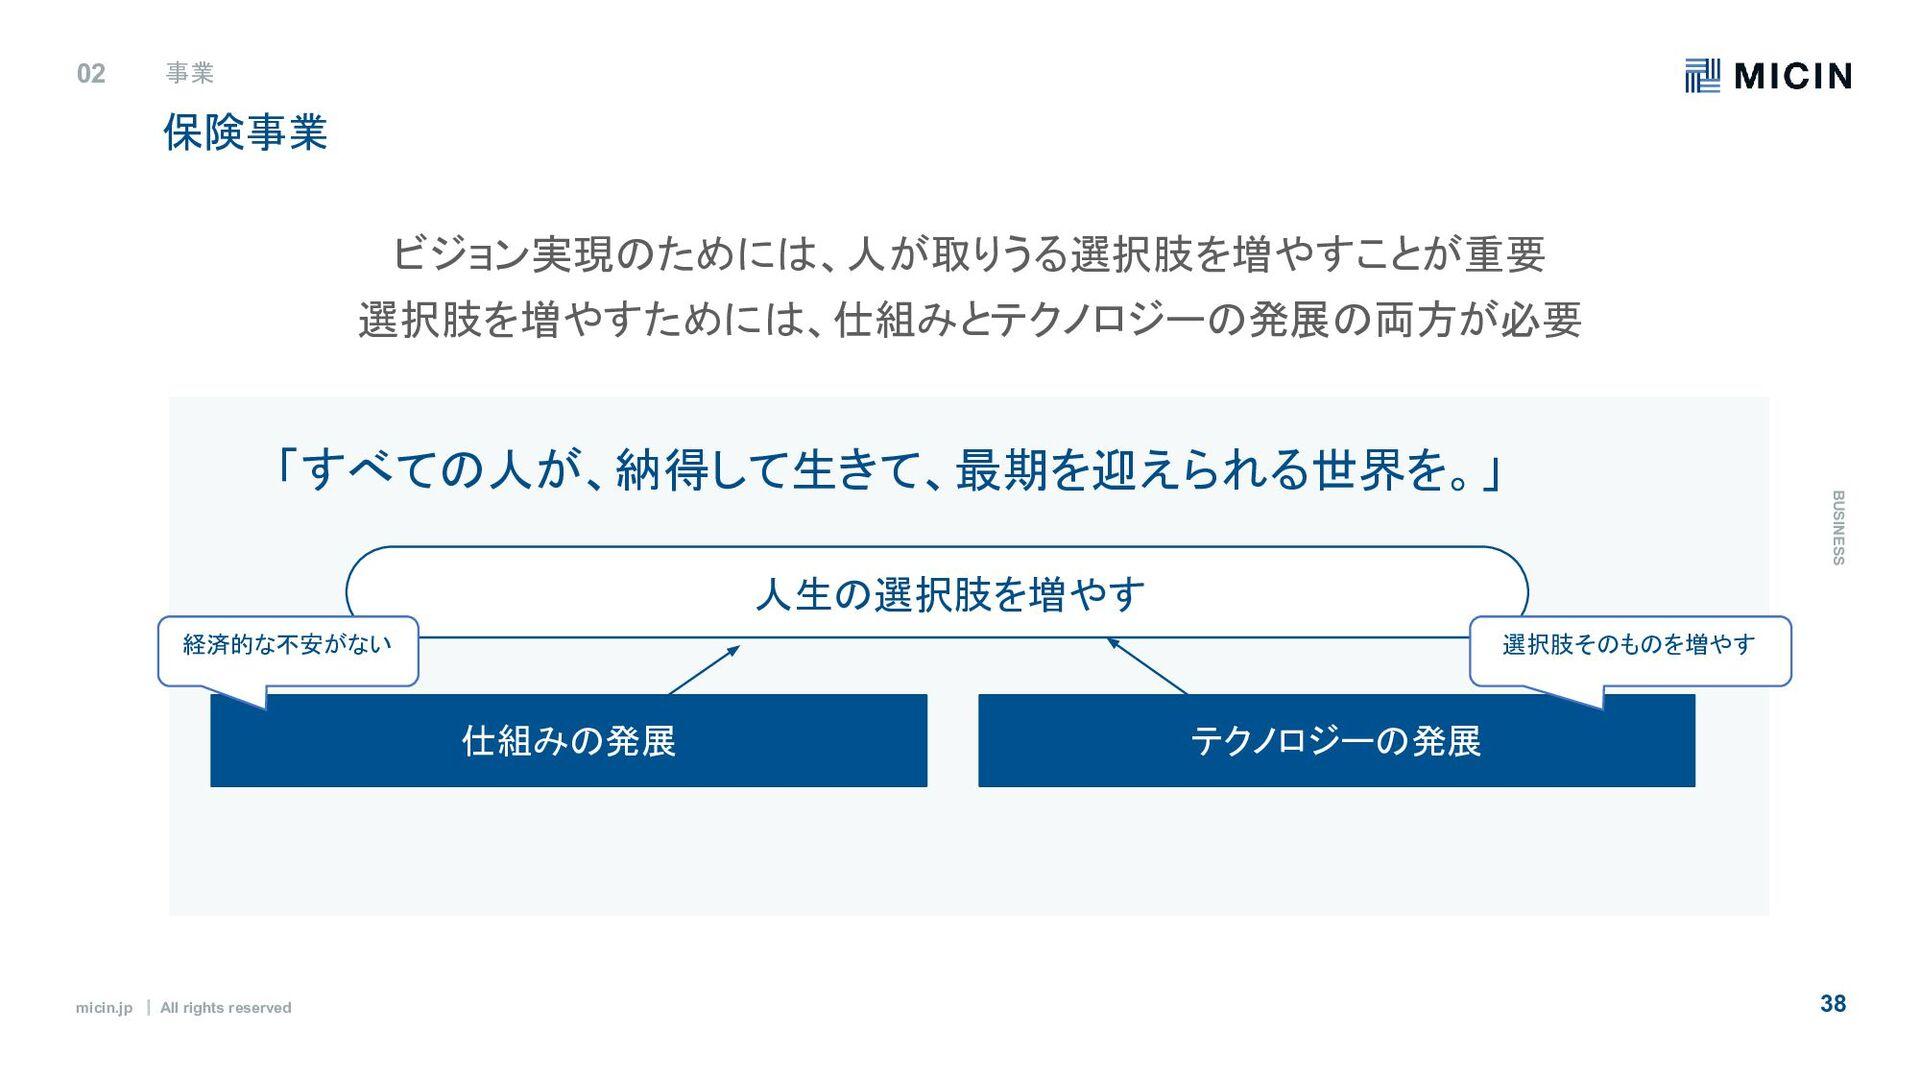 micin.jp ʛ All rights reserved 38 ϝϯόʔհ 03 Y.K...